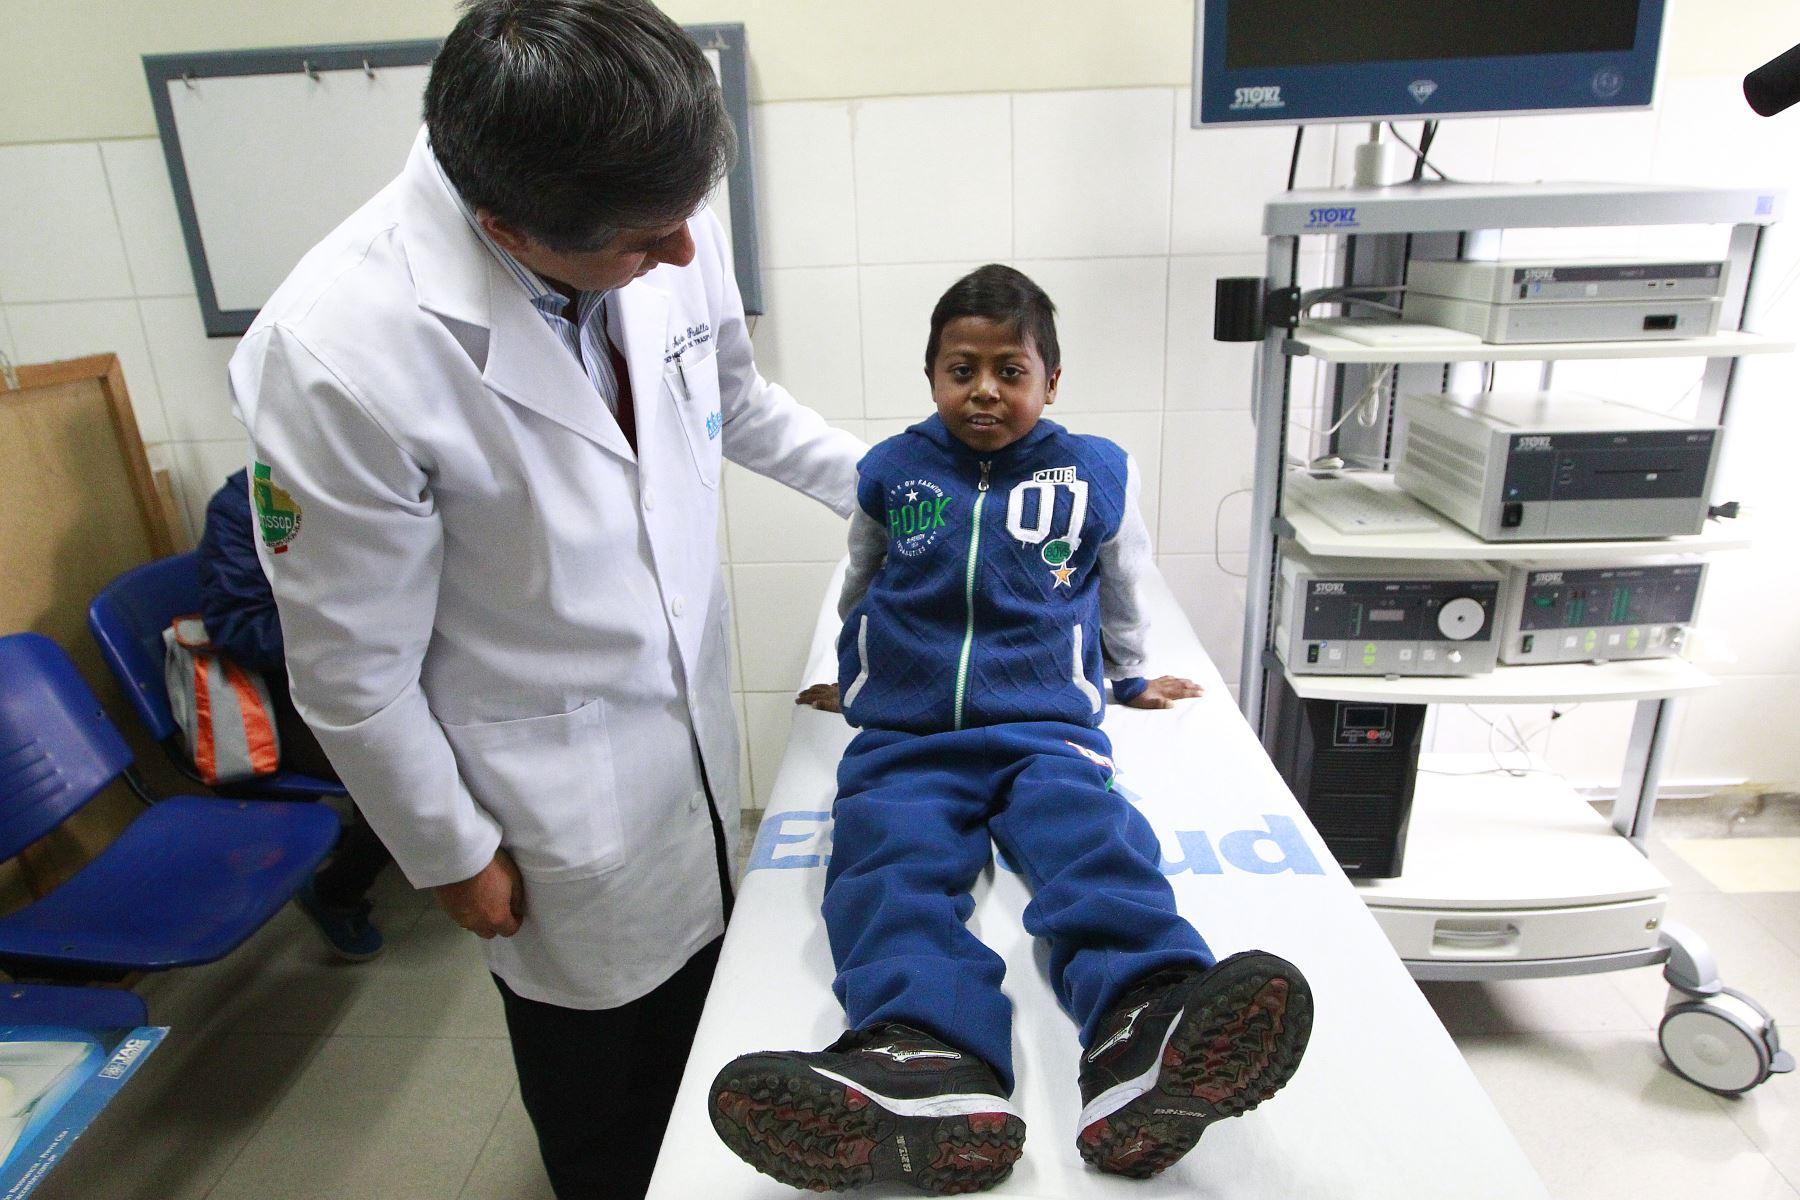 Médico Martín Padilla realiza un control a Giovani Mendoza, niño que salvó de morir gracias a un hígado trasplantado. Foto. ANDINA/Eddy Ramos